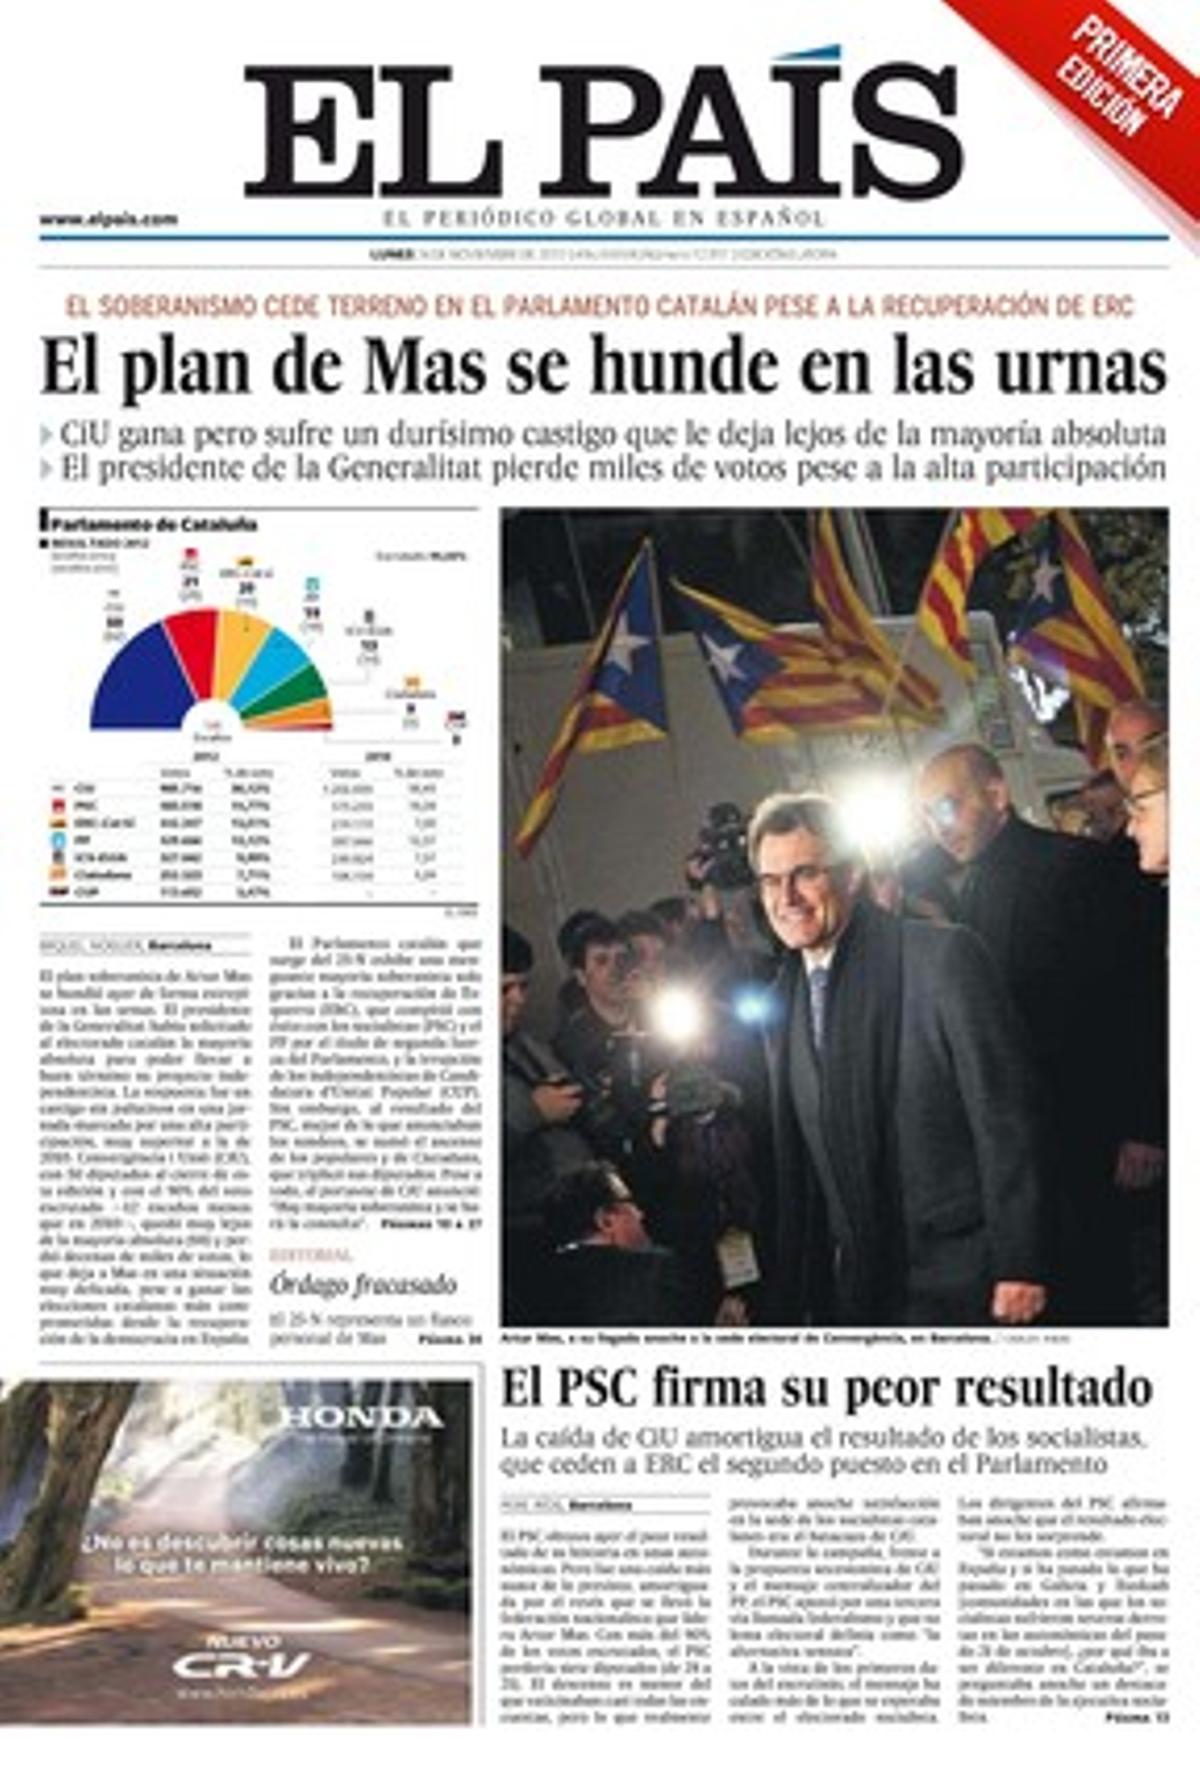 El País, 26-11-2012.